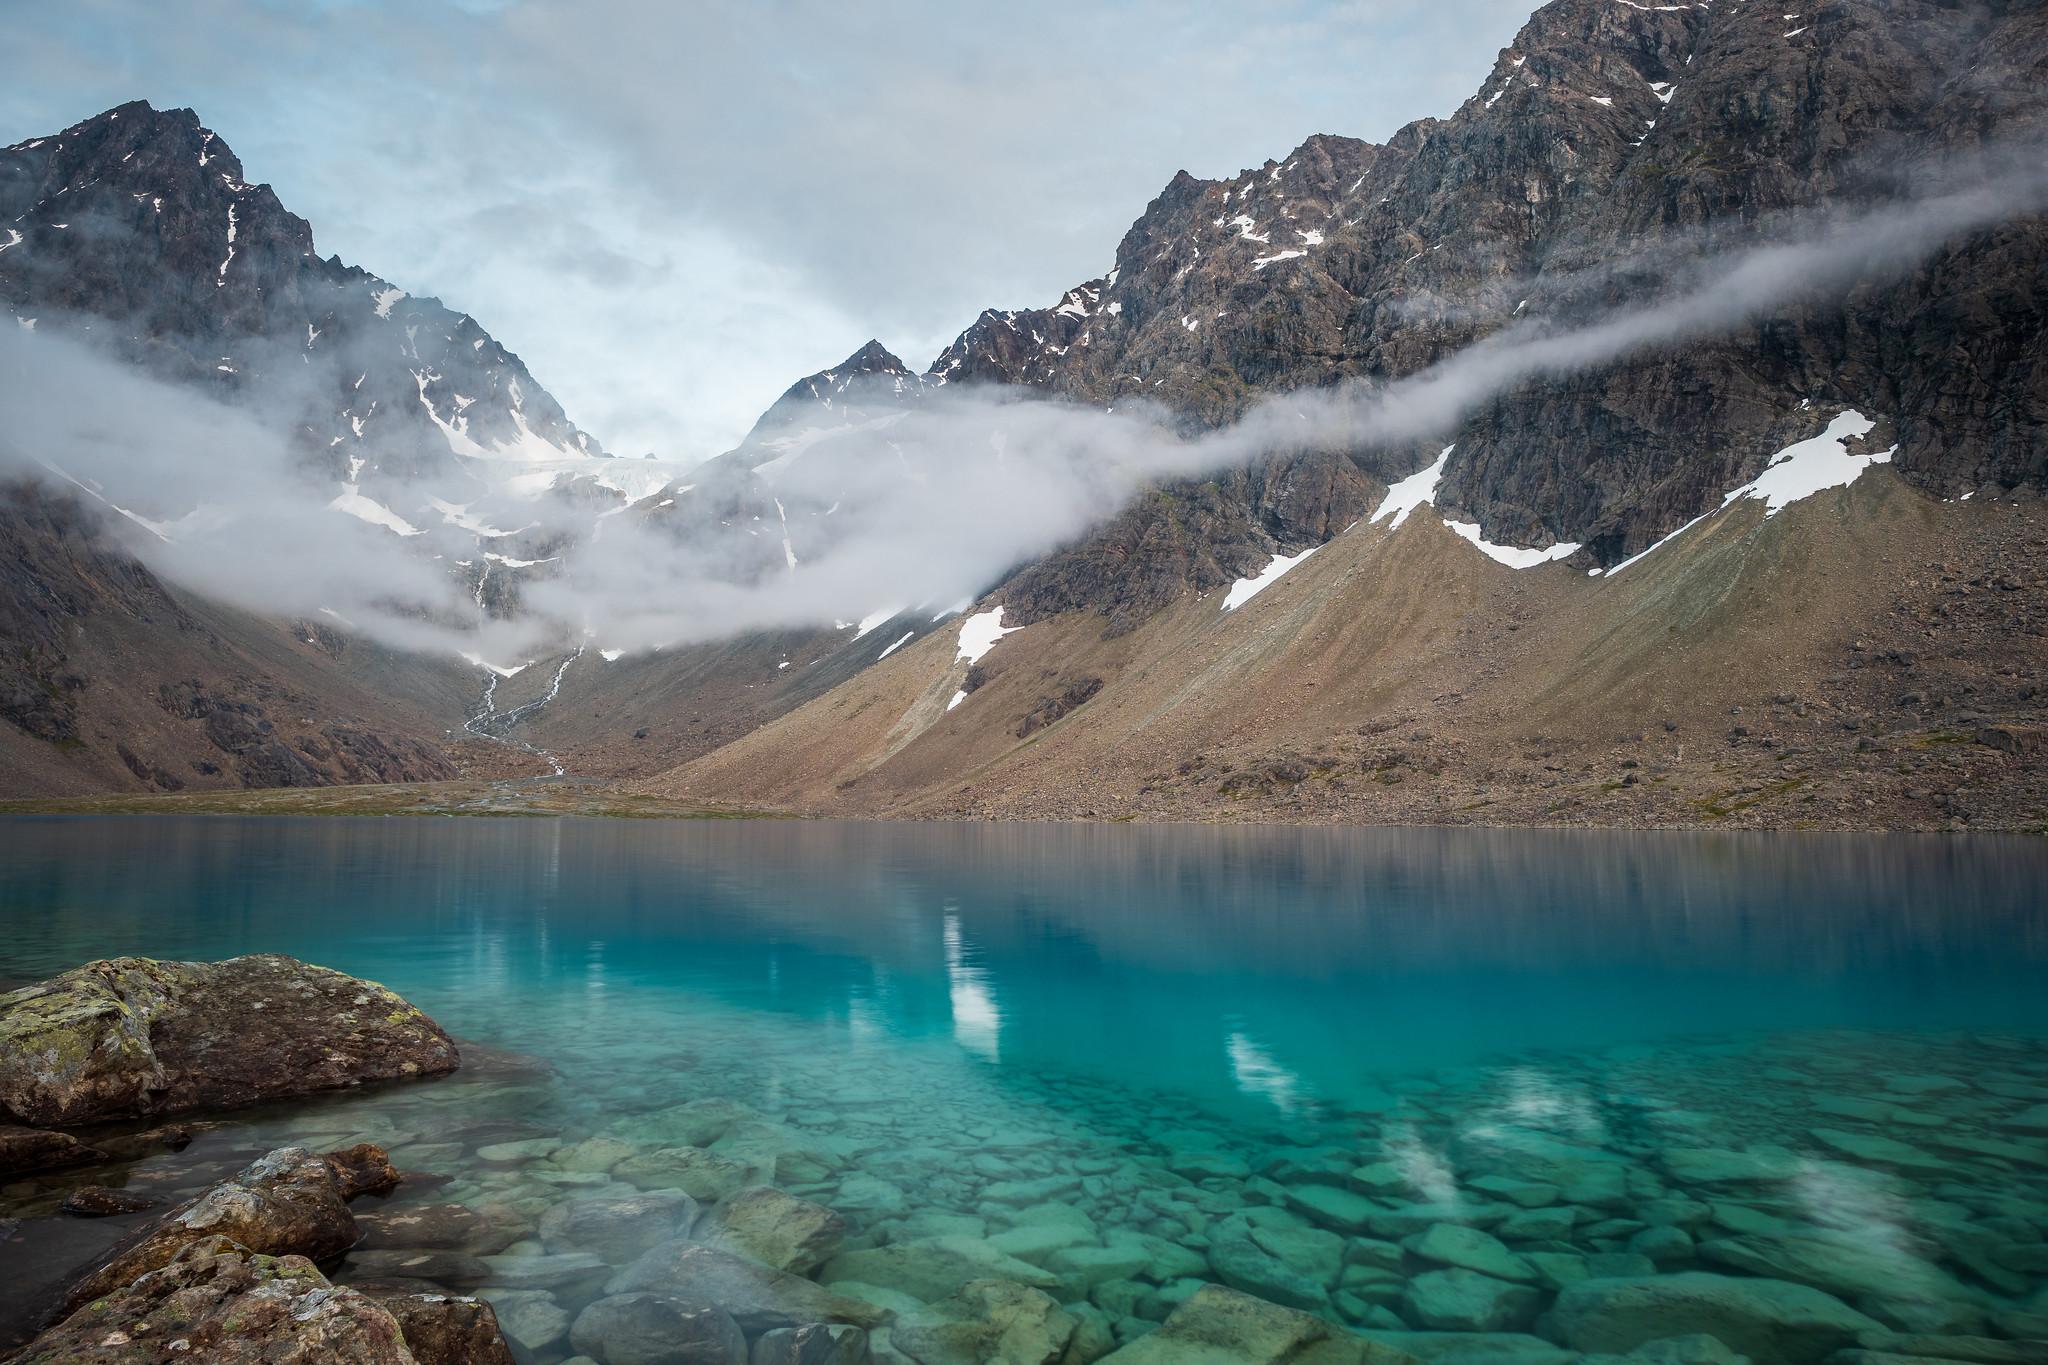 Blåisvatnet